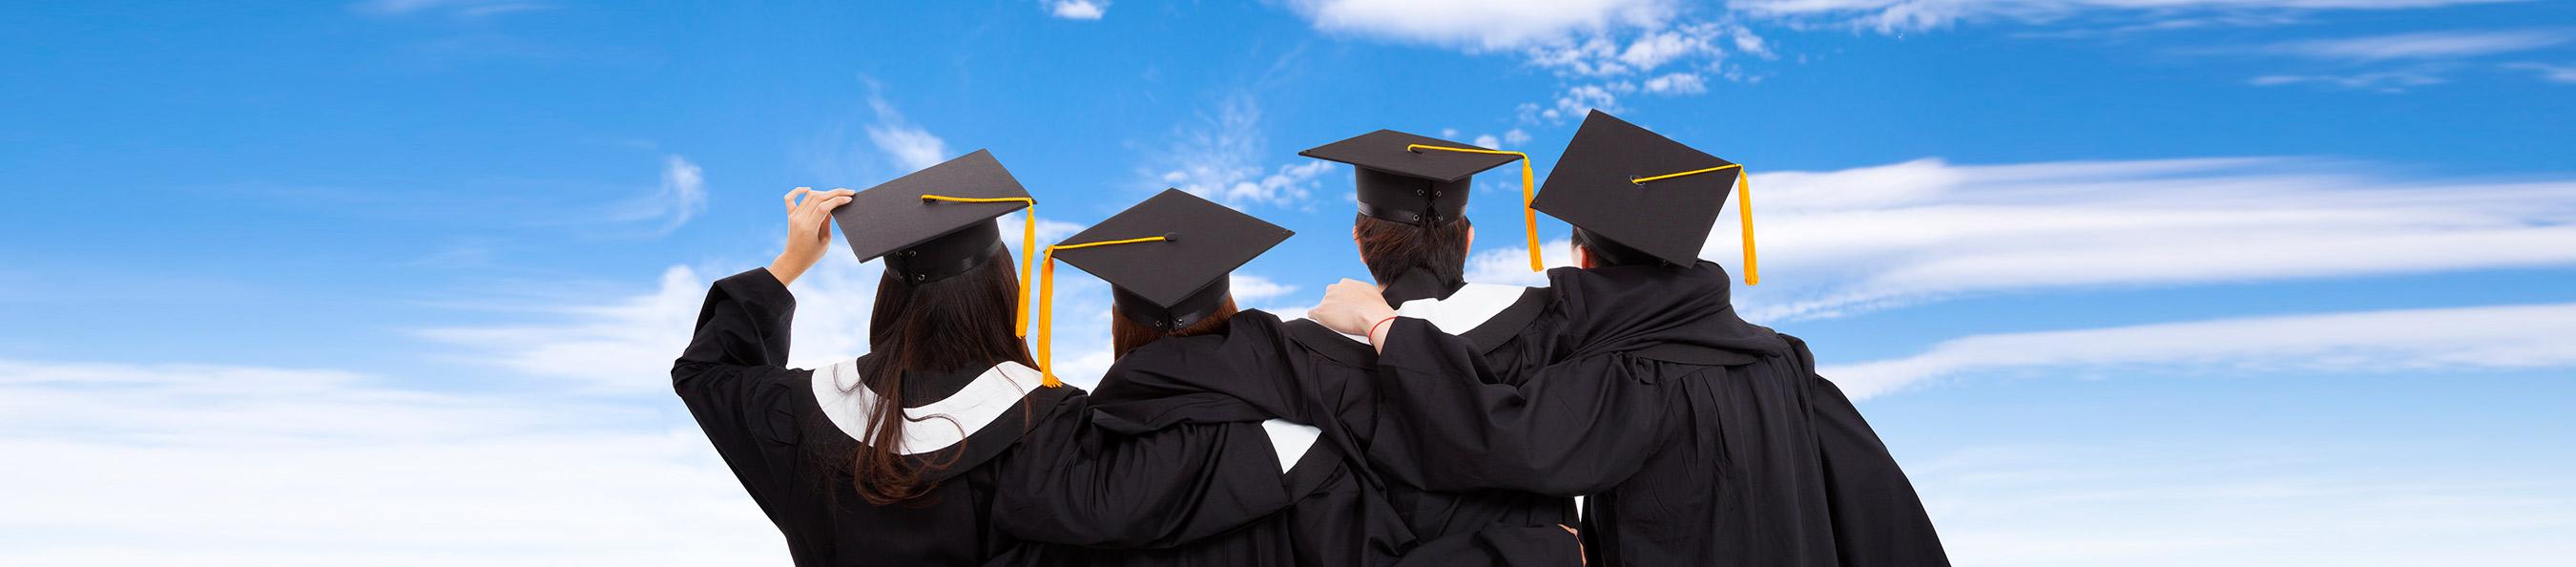 Graduates looking onward